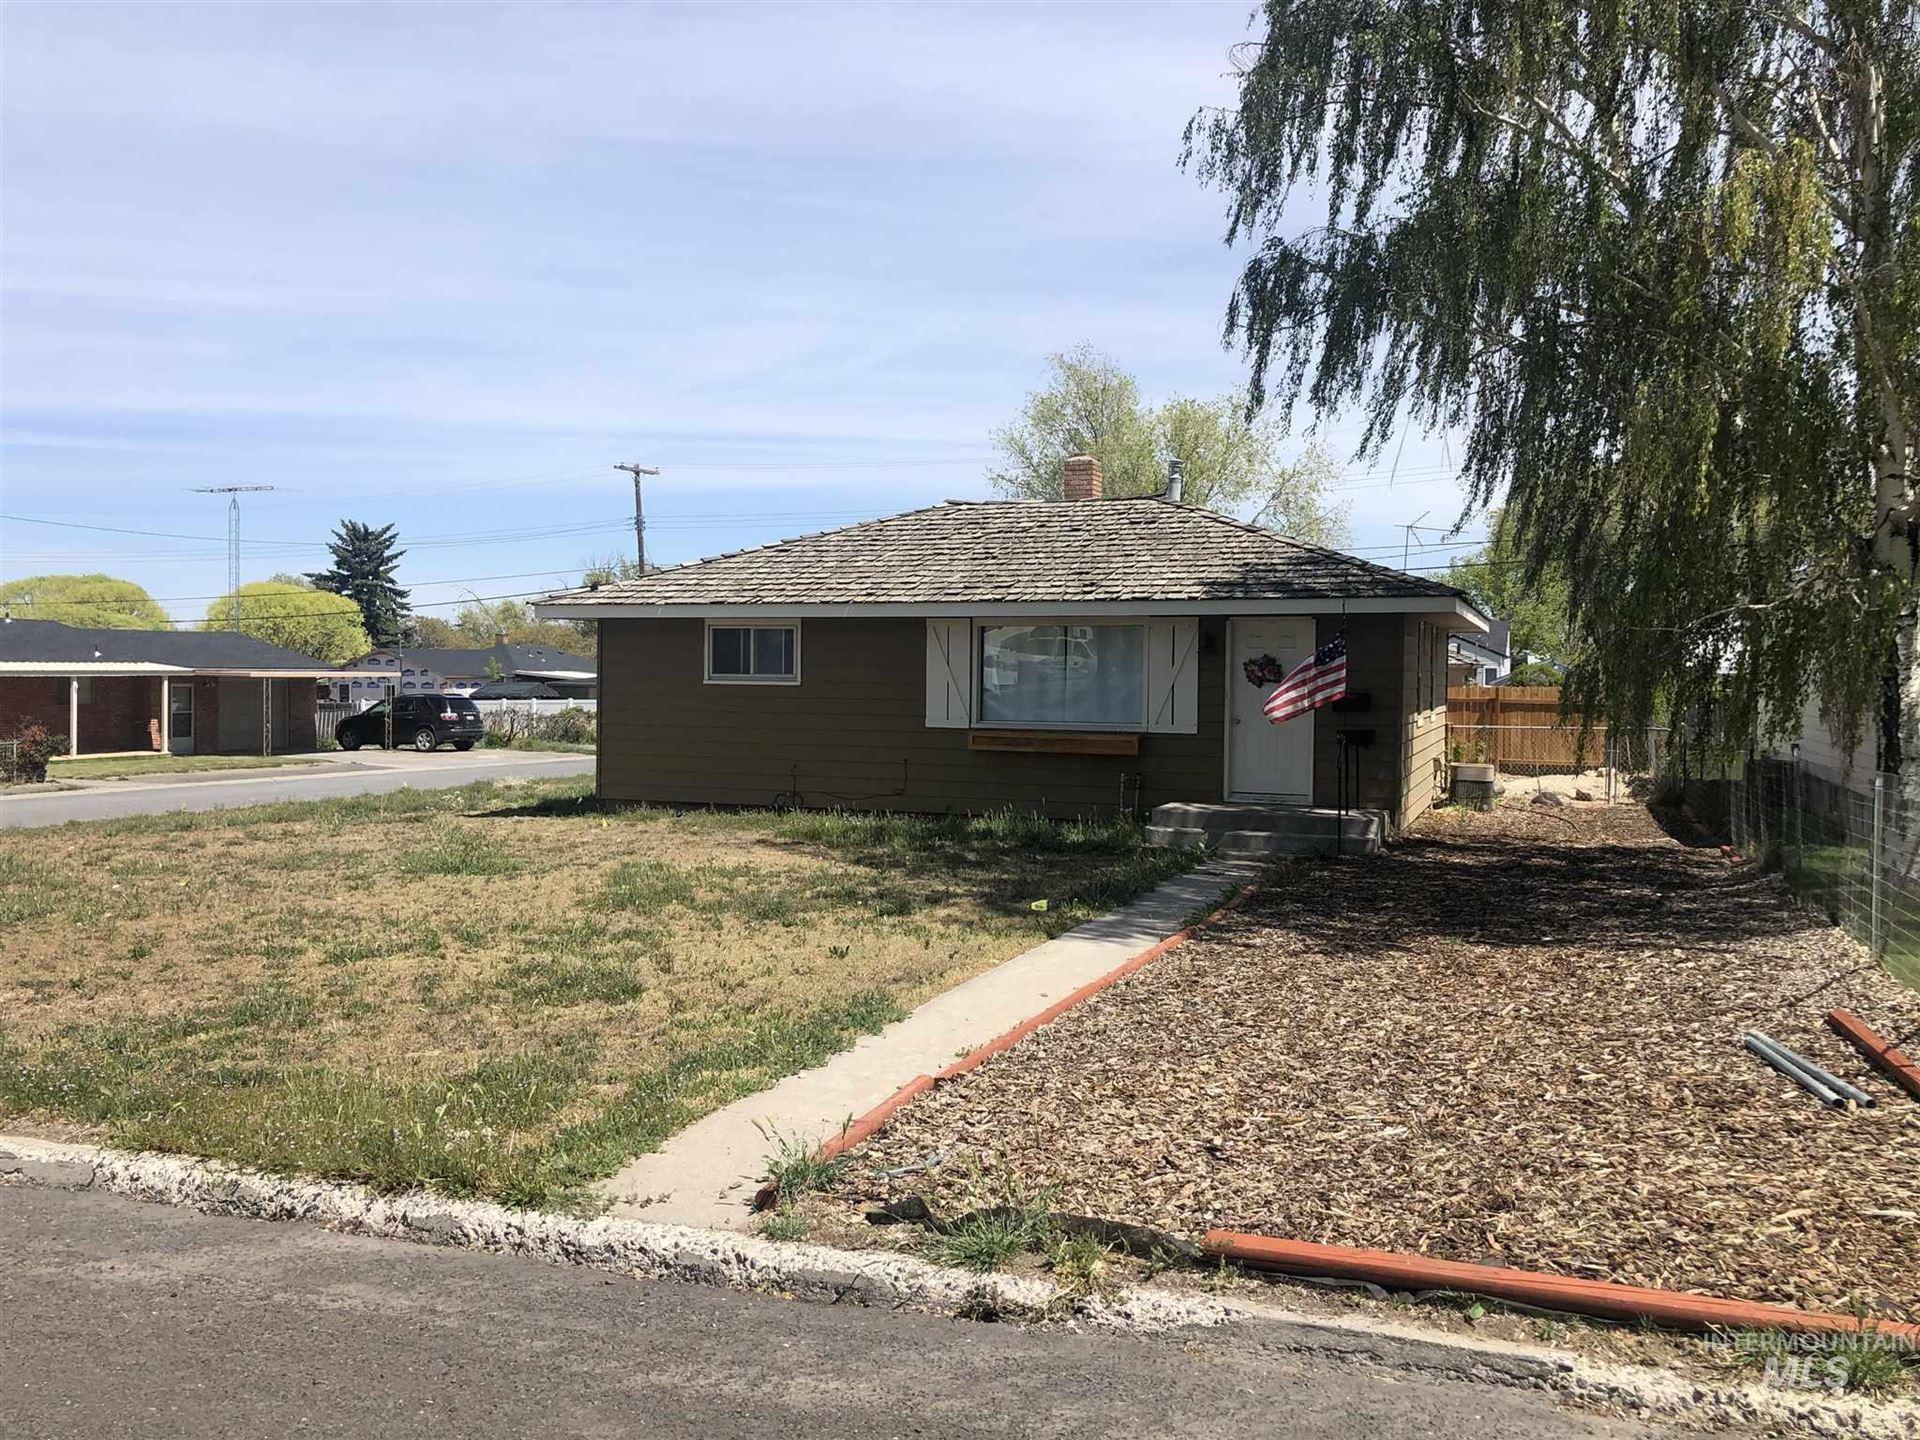 628 9th Ave N, Buhl, ID 83316 - MLS#: 98769796